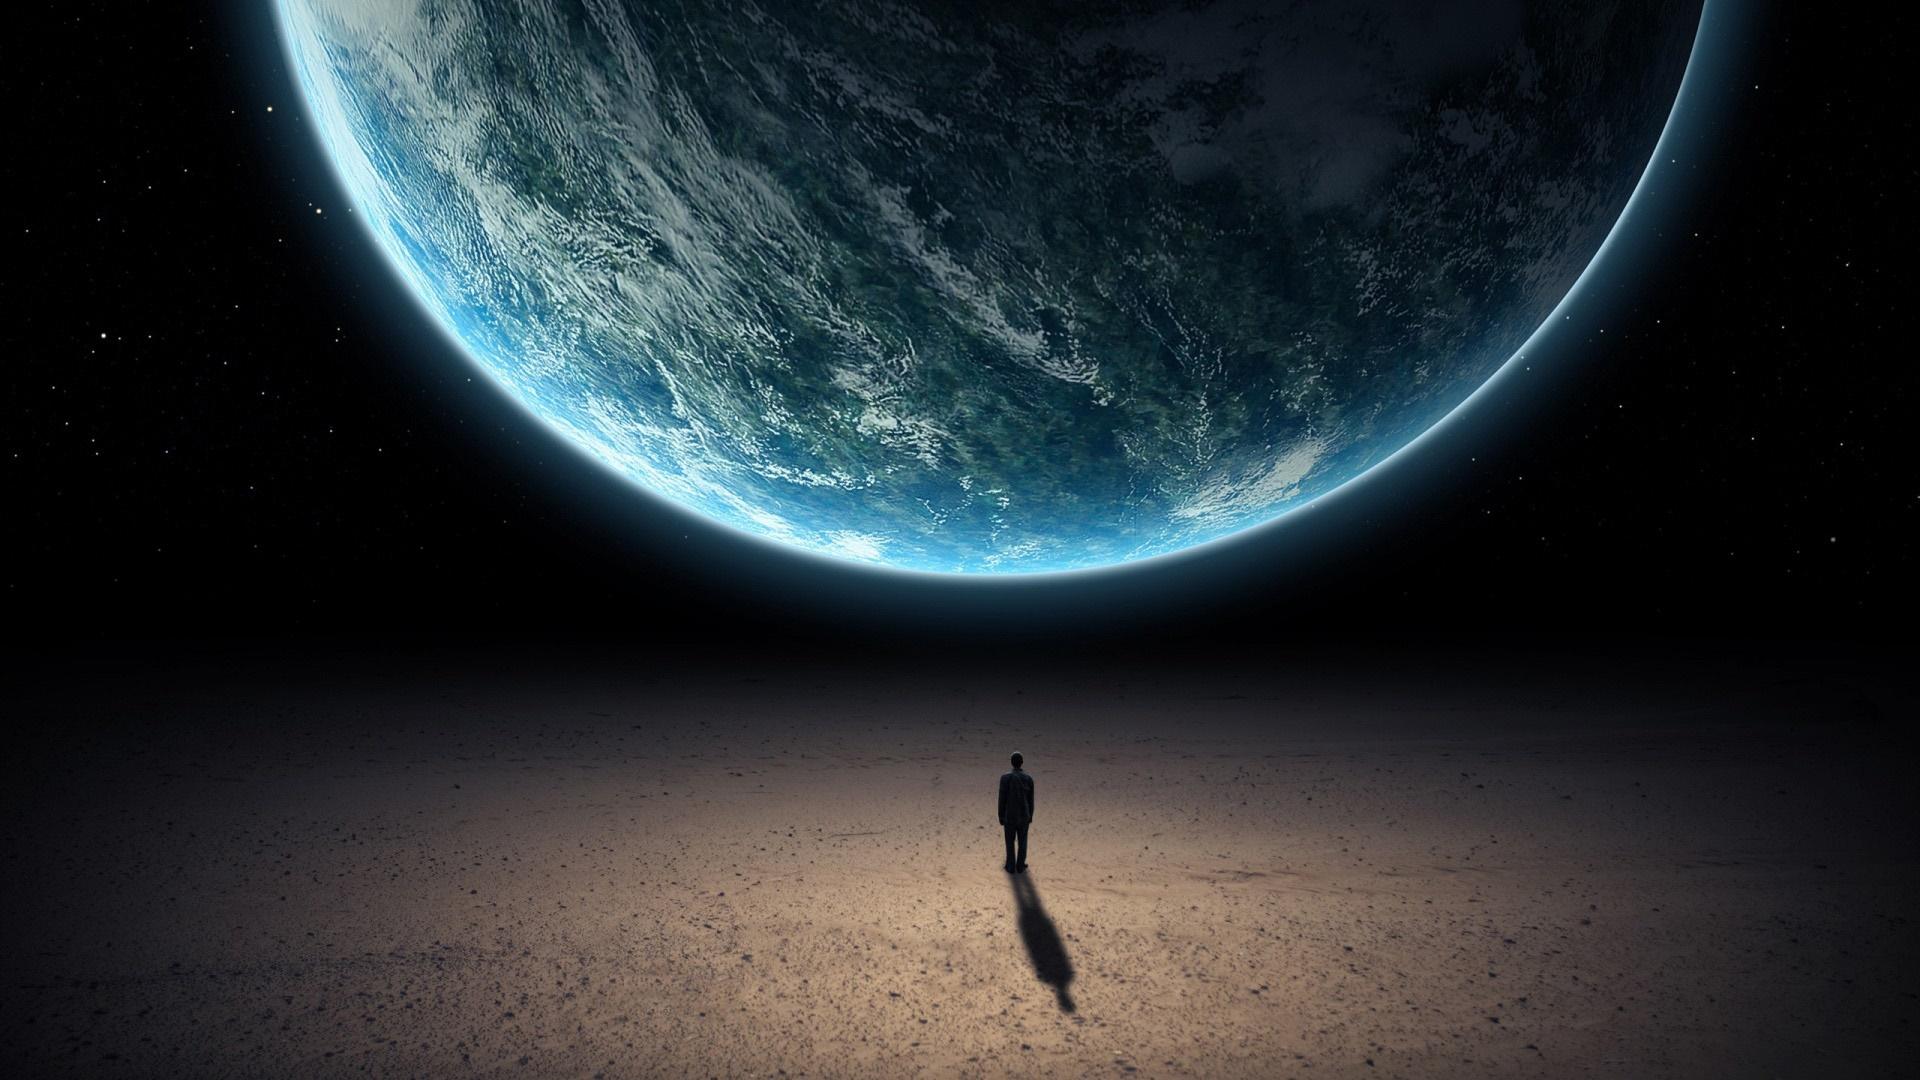 Alone in the universe wallpaper